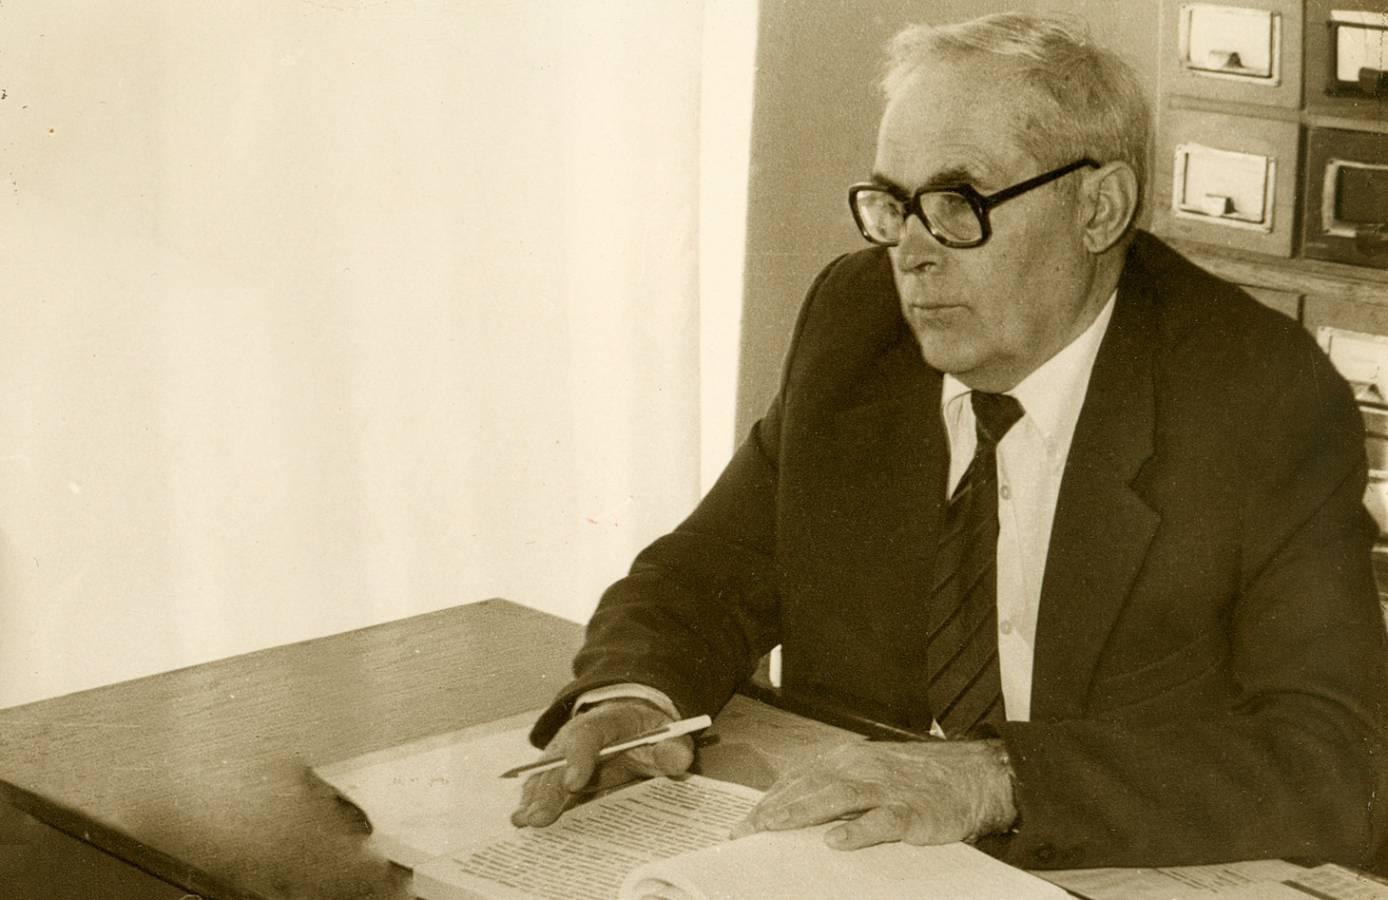 Засновникові діалектологічної наукової школи на Закарпатті – нині 100 років